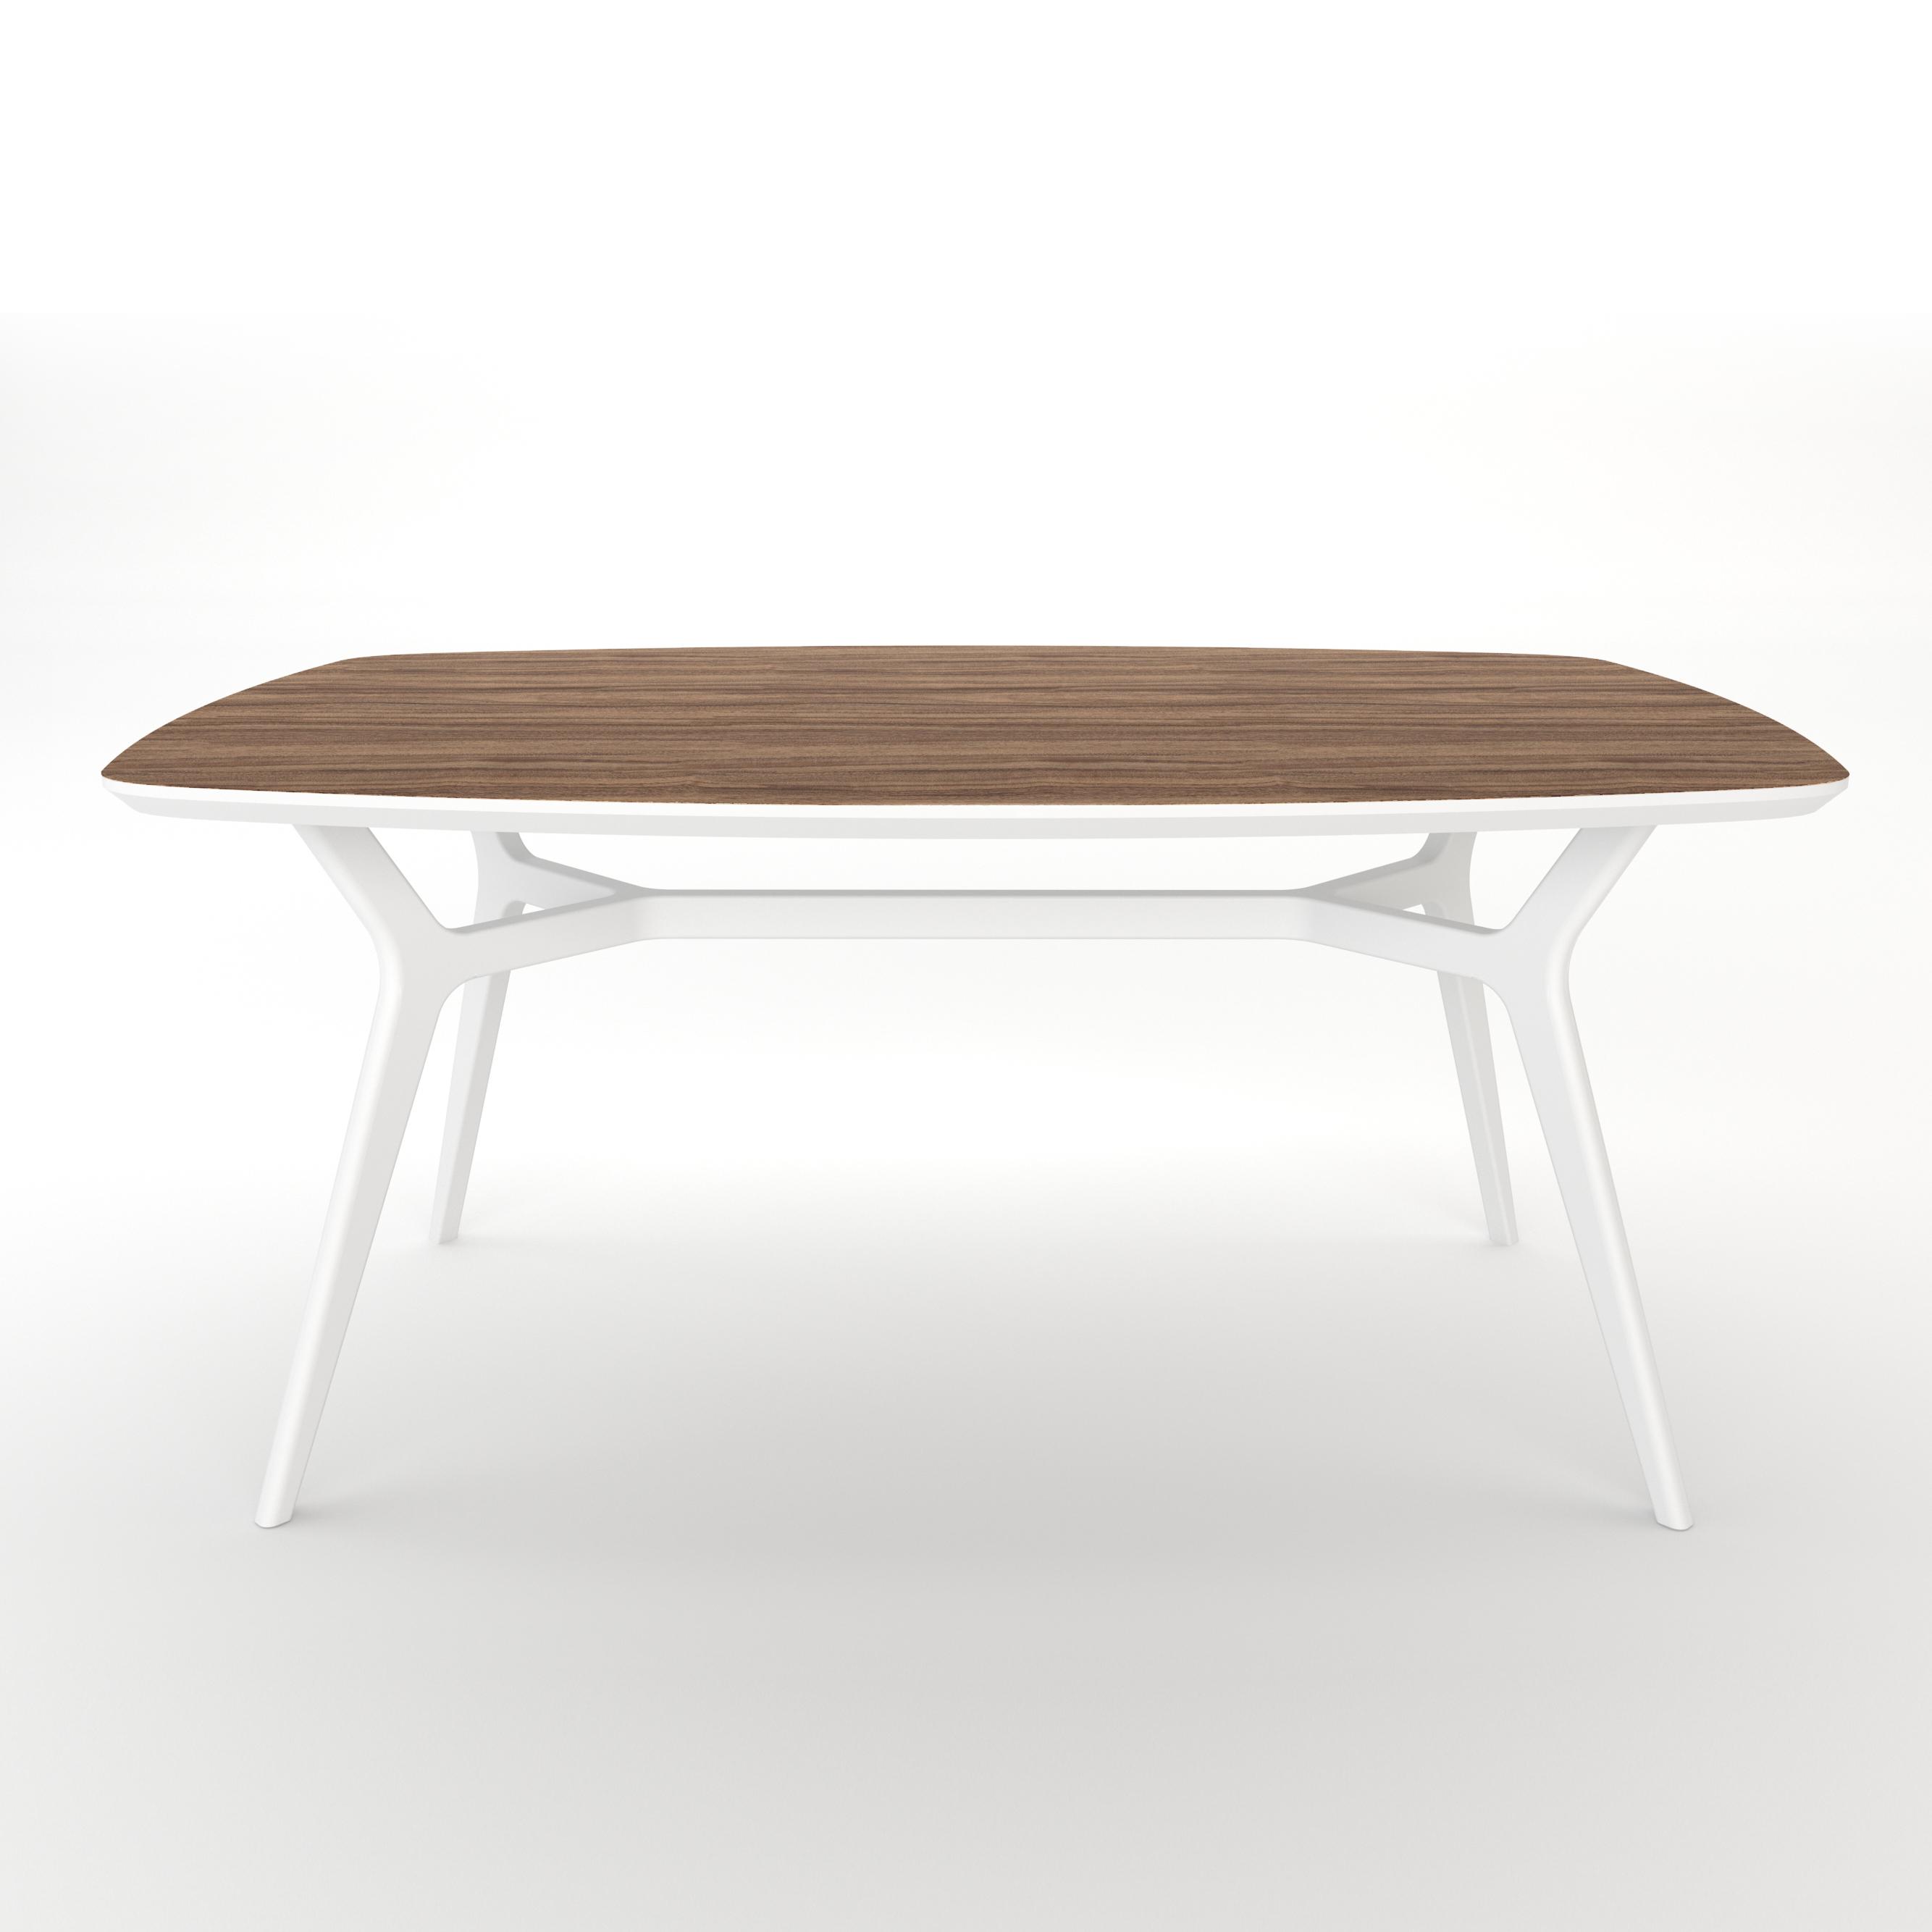 Стол JohannОбеденные столы<br>Тщательная проработка деталей и пропорций стола позволяет ему идеально вписаться в любой интерьер .&amp;lt;div&amp;gt;&amp;lt;br&amp;gt;&amp;lt;/div&amp;gt;&amp;lt;div&amp;gt;Отделка столешницы шпоном ореха, подстолье выкрашено в белый цвет. Сборка не требуется.&amp;lt;/div&amp;gt;<br><br>Material: МДФ<br>Ширина см: 160<br>Высота см: 75<br>Глубина см: 90